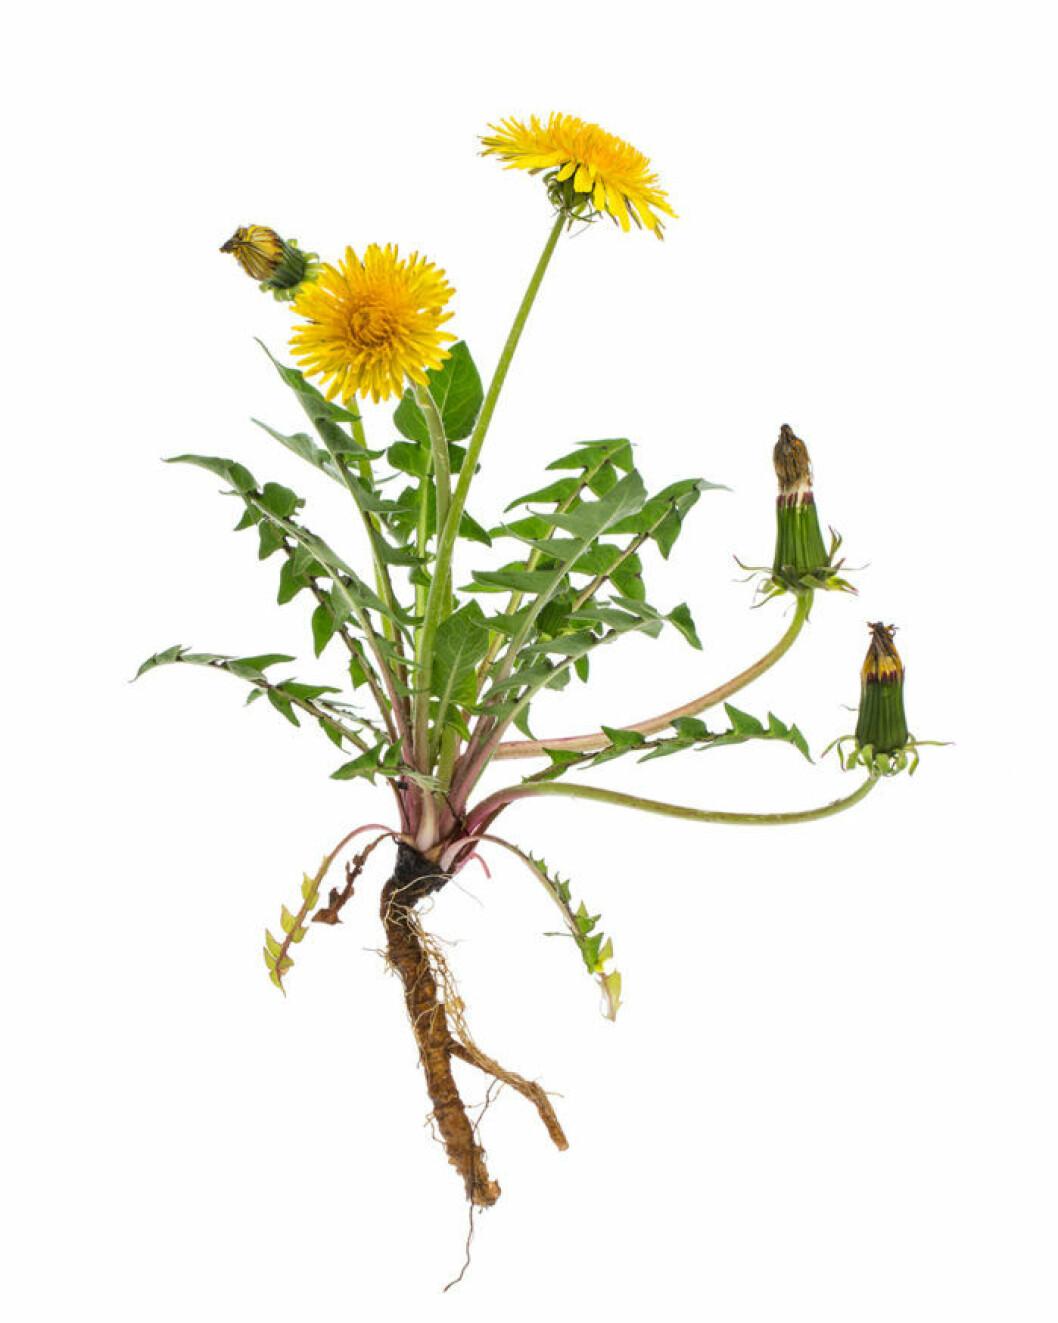 Maskros med rötter, blad, knoppar och utslagna blommor.